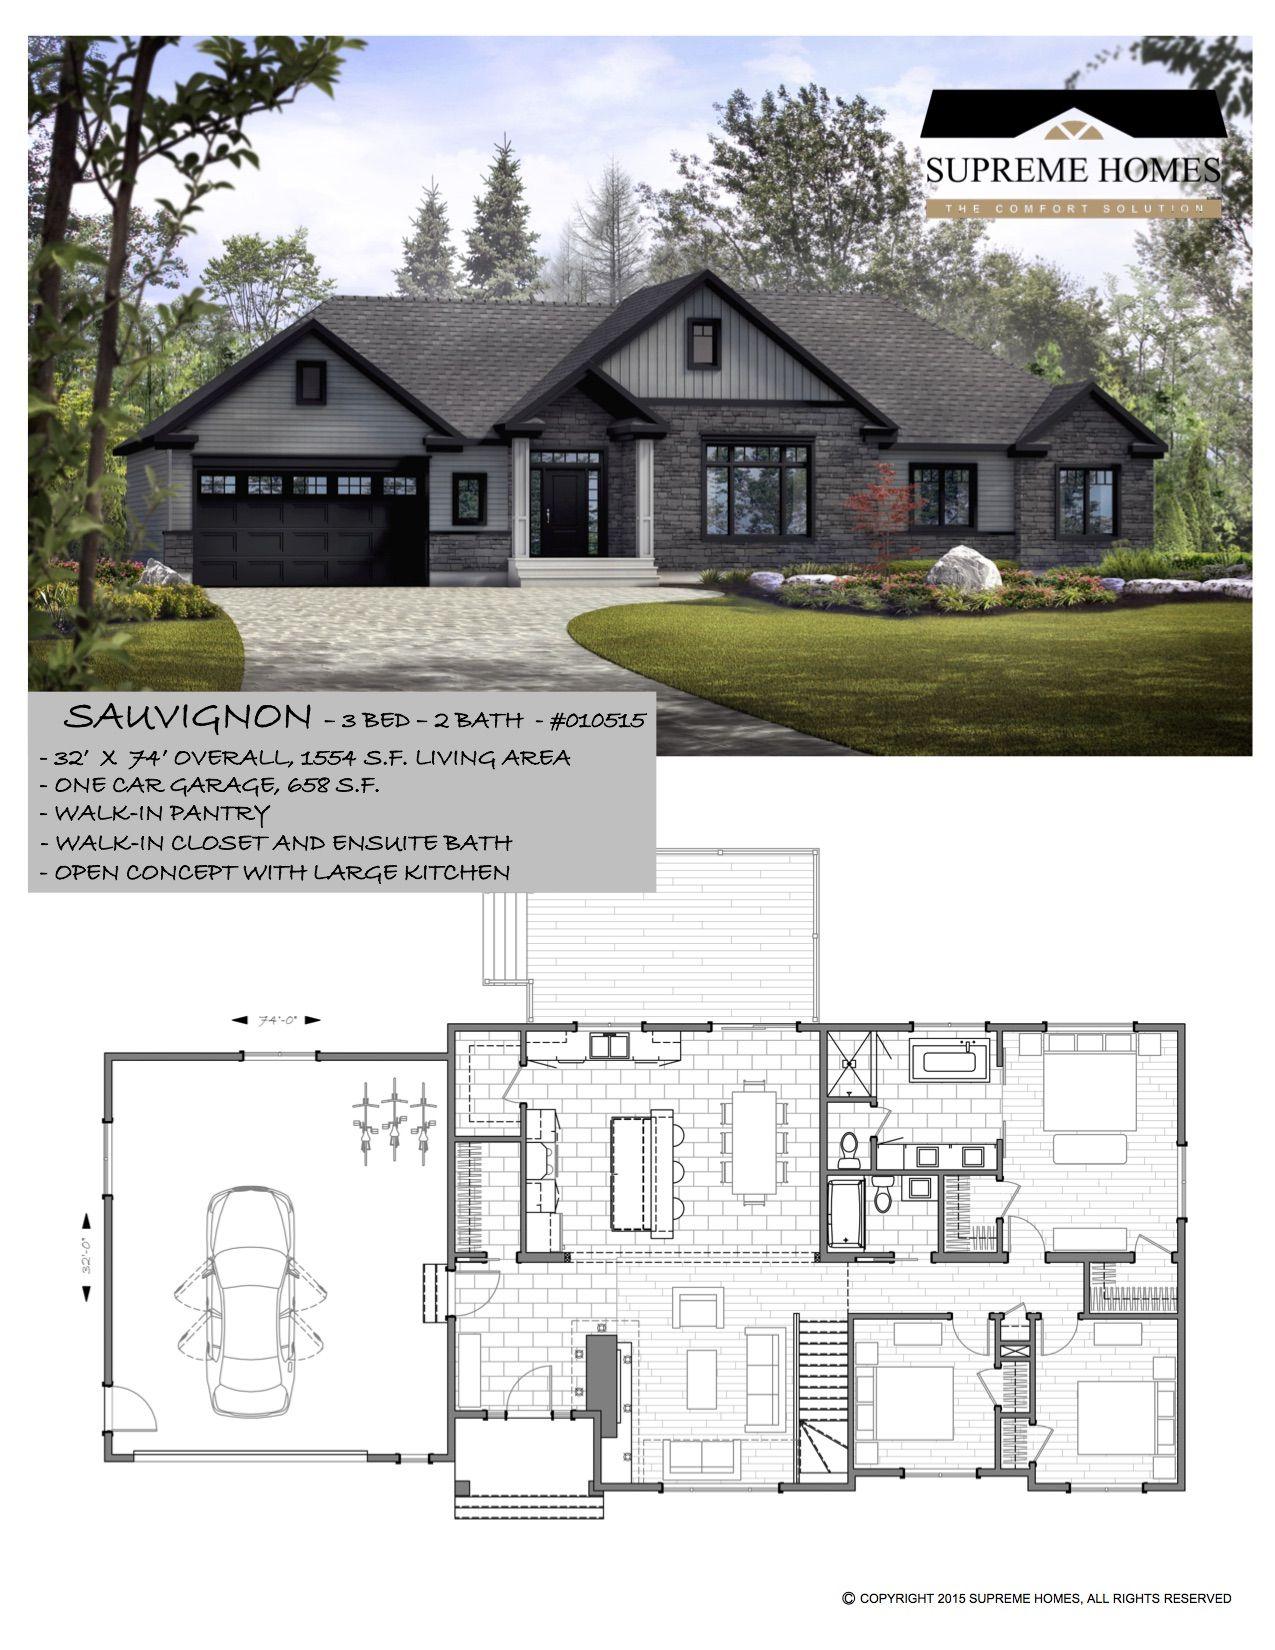 Constructeur Maison Maison Prefabriquee Maison Usinee House Plan Home Builder Craftsman House Plans New House Plans Building A House